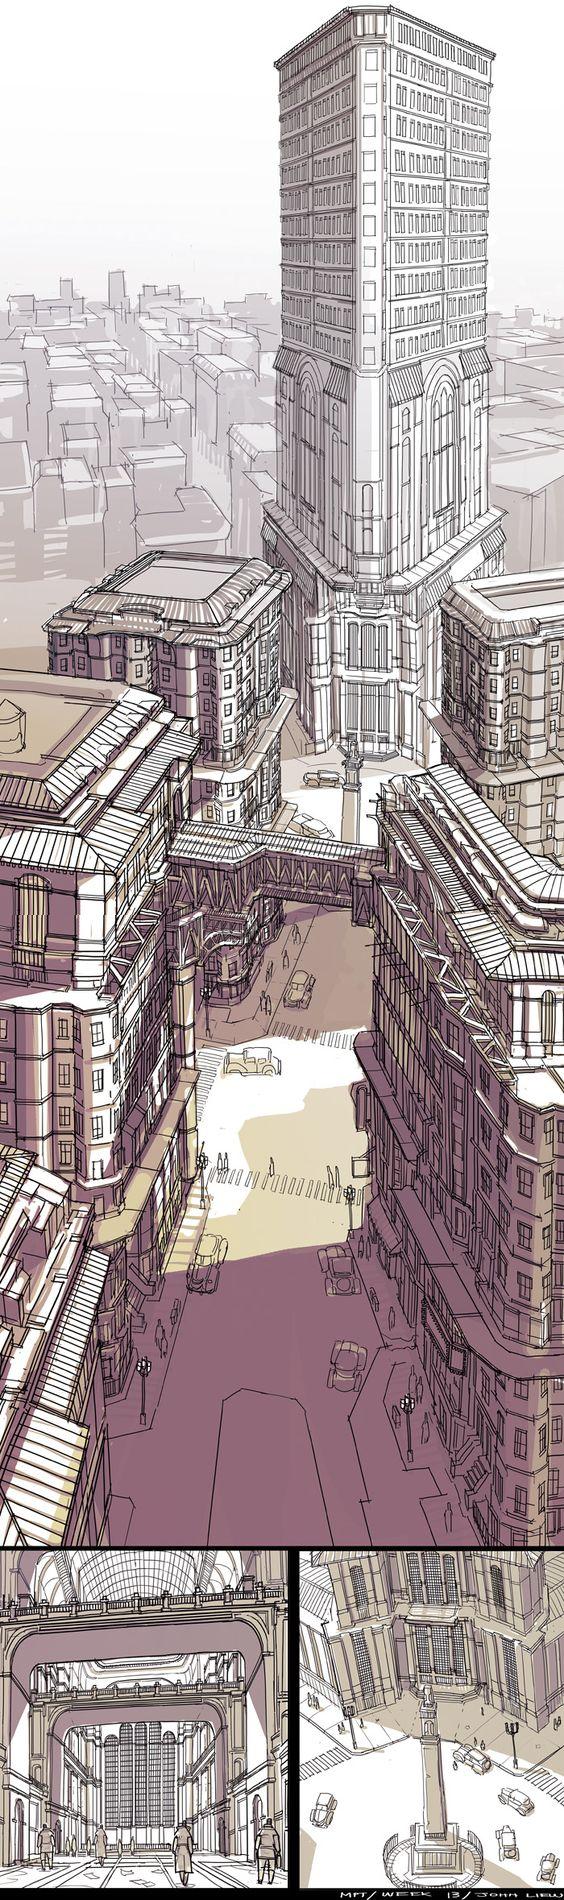 Feng Zhu Design: More Student Work via PinCG.com